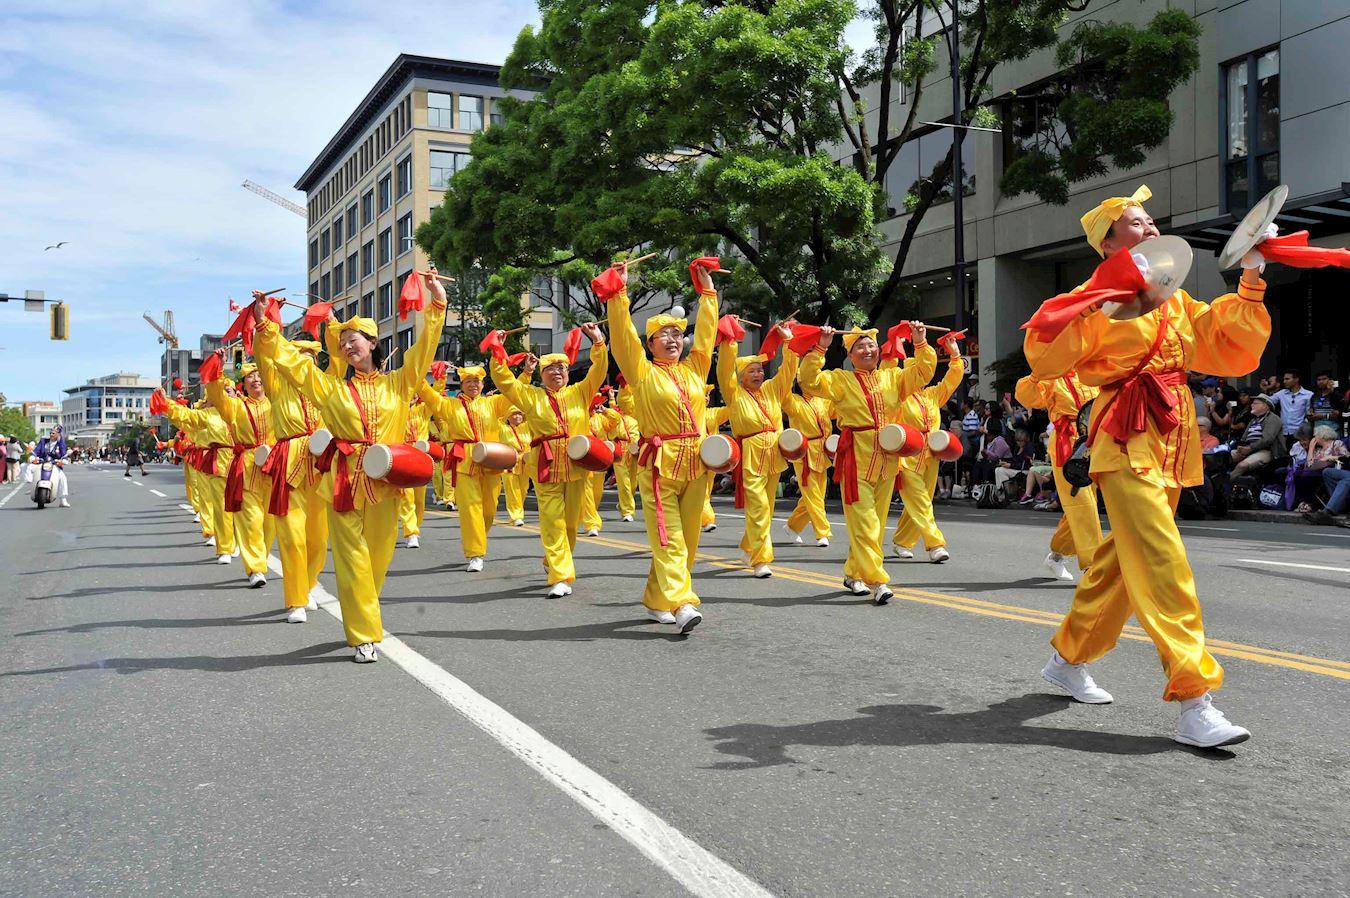 溫哥華部份法輪功學員參加加拿大卑詩省維多利亞日150週年慶典遊行。(明慧網)